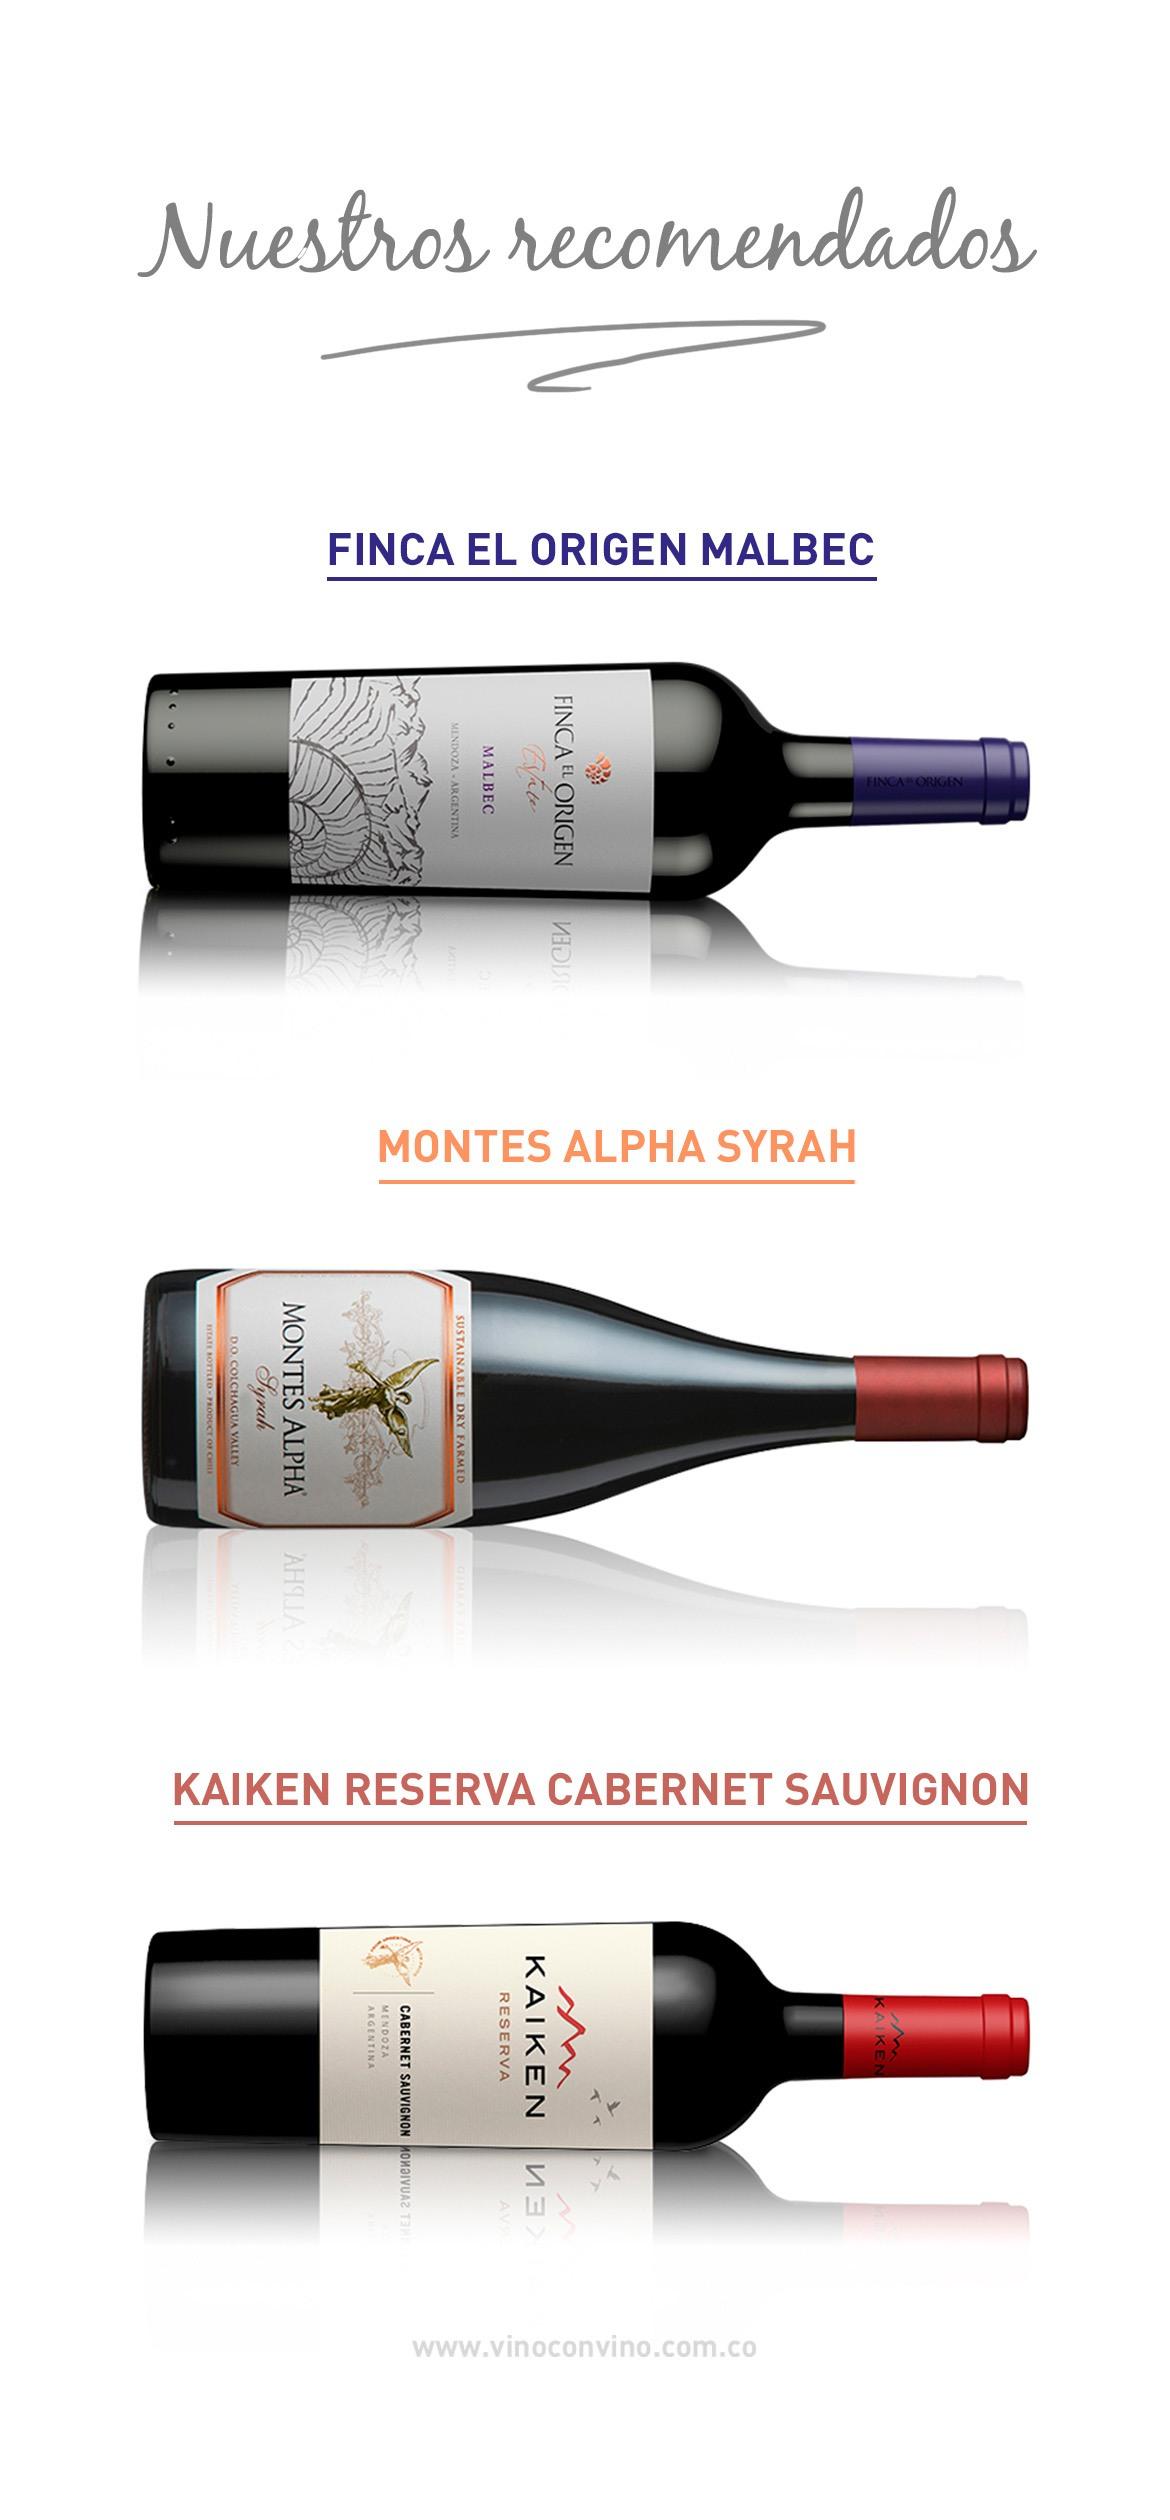 vinos recomendados: La intensidad del vino-Blog vino con vino